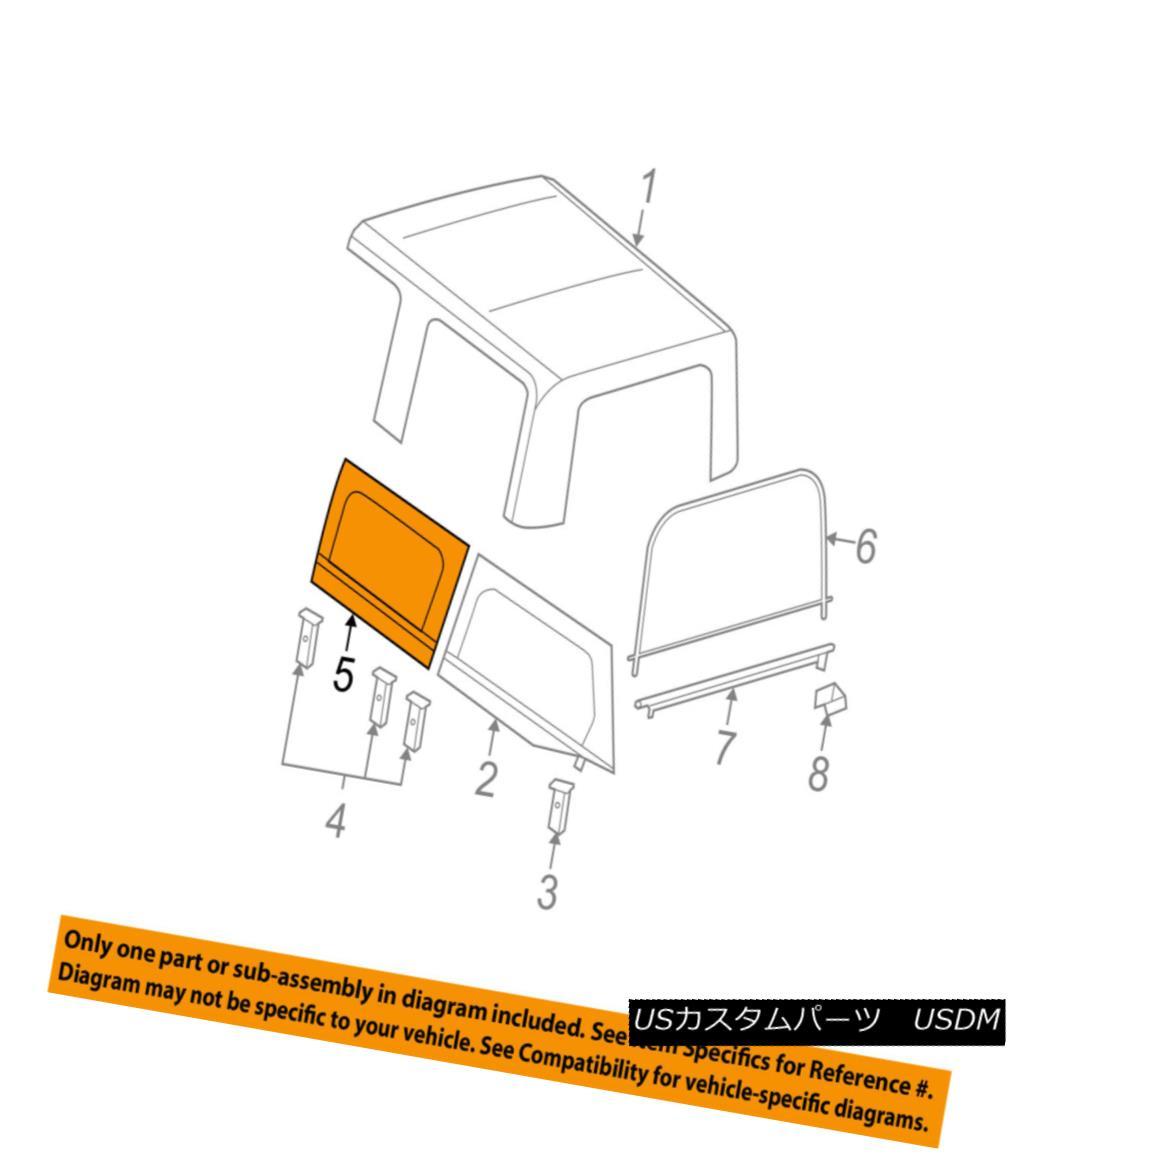 幌・ソフトトップ Jeep CHRYSLER OEM Wrangler Convertible/soft Top-Side Glass Right 1HE02ZJ8AB ジープCHRYSLER OEMラングラー・コンバーチブル/ so ftトップサイドガラス右1HE02ZJ8AB